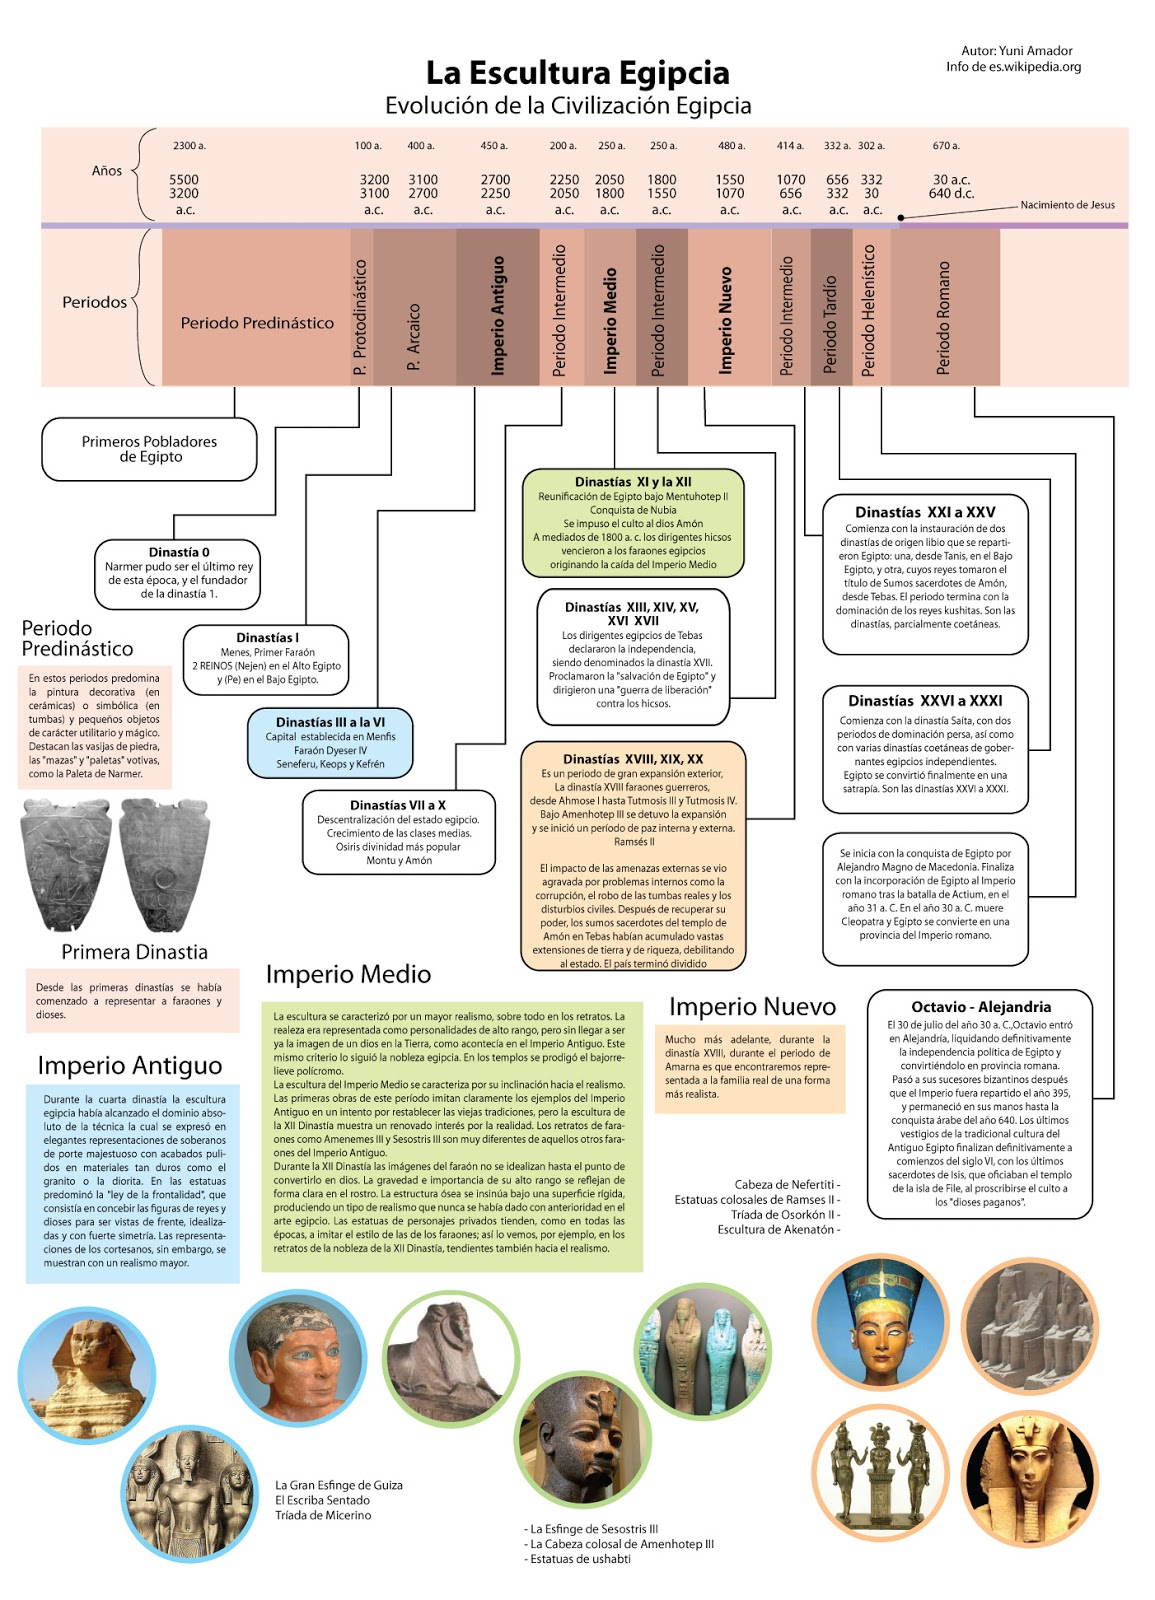 mitologia del mexico antiguo essay Una guía del antiguo panteón griego diccionario de personajes encyclopedia mythica (inglés) rea, mitología griega el olimpo, mitología griega y romana.